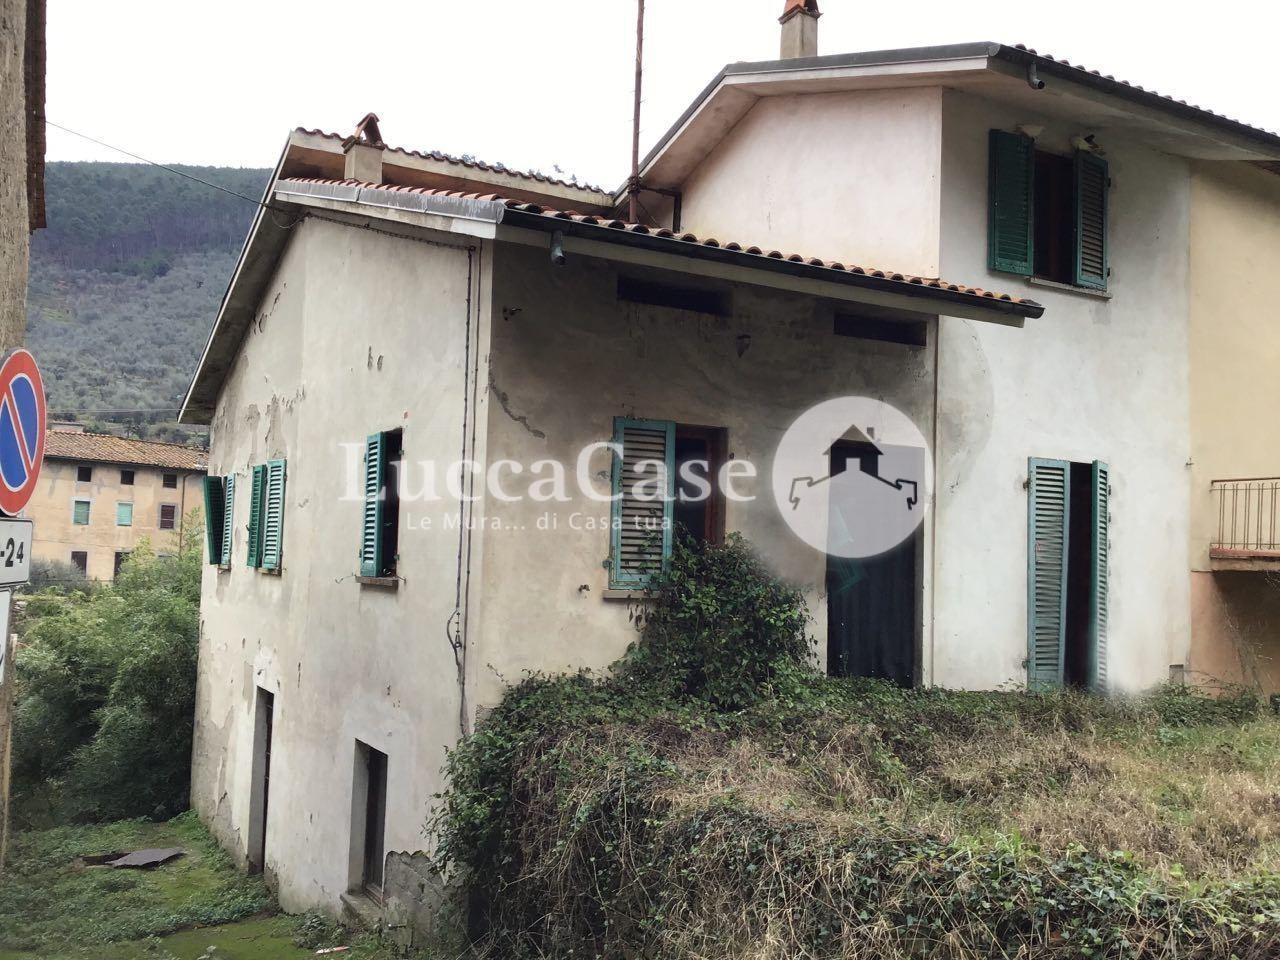 Villetta bifamiliare in vendita, rif. E053J